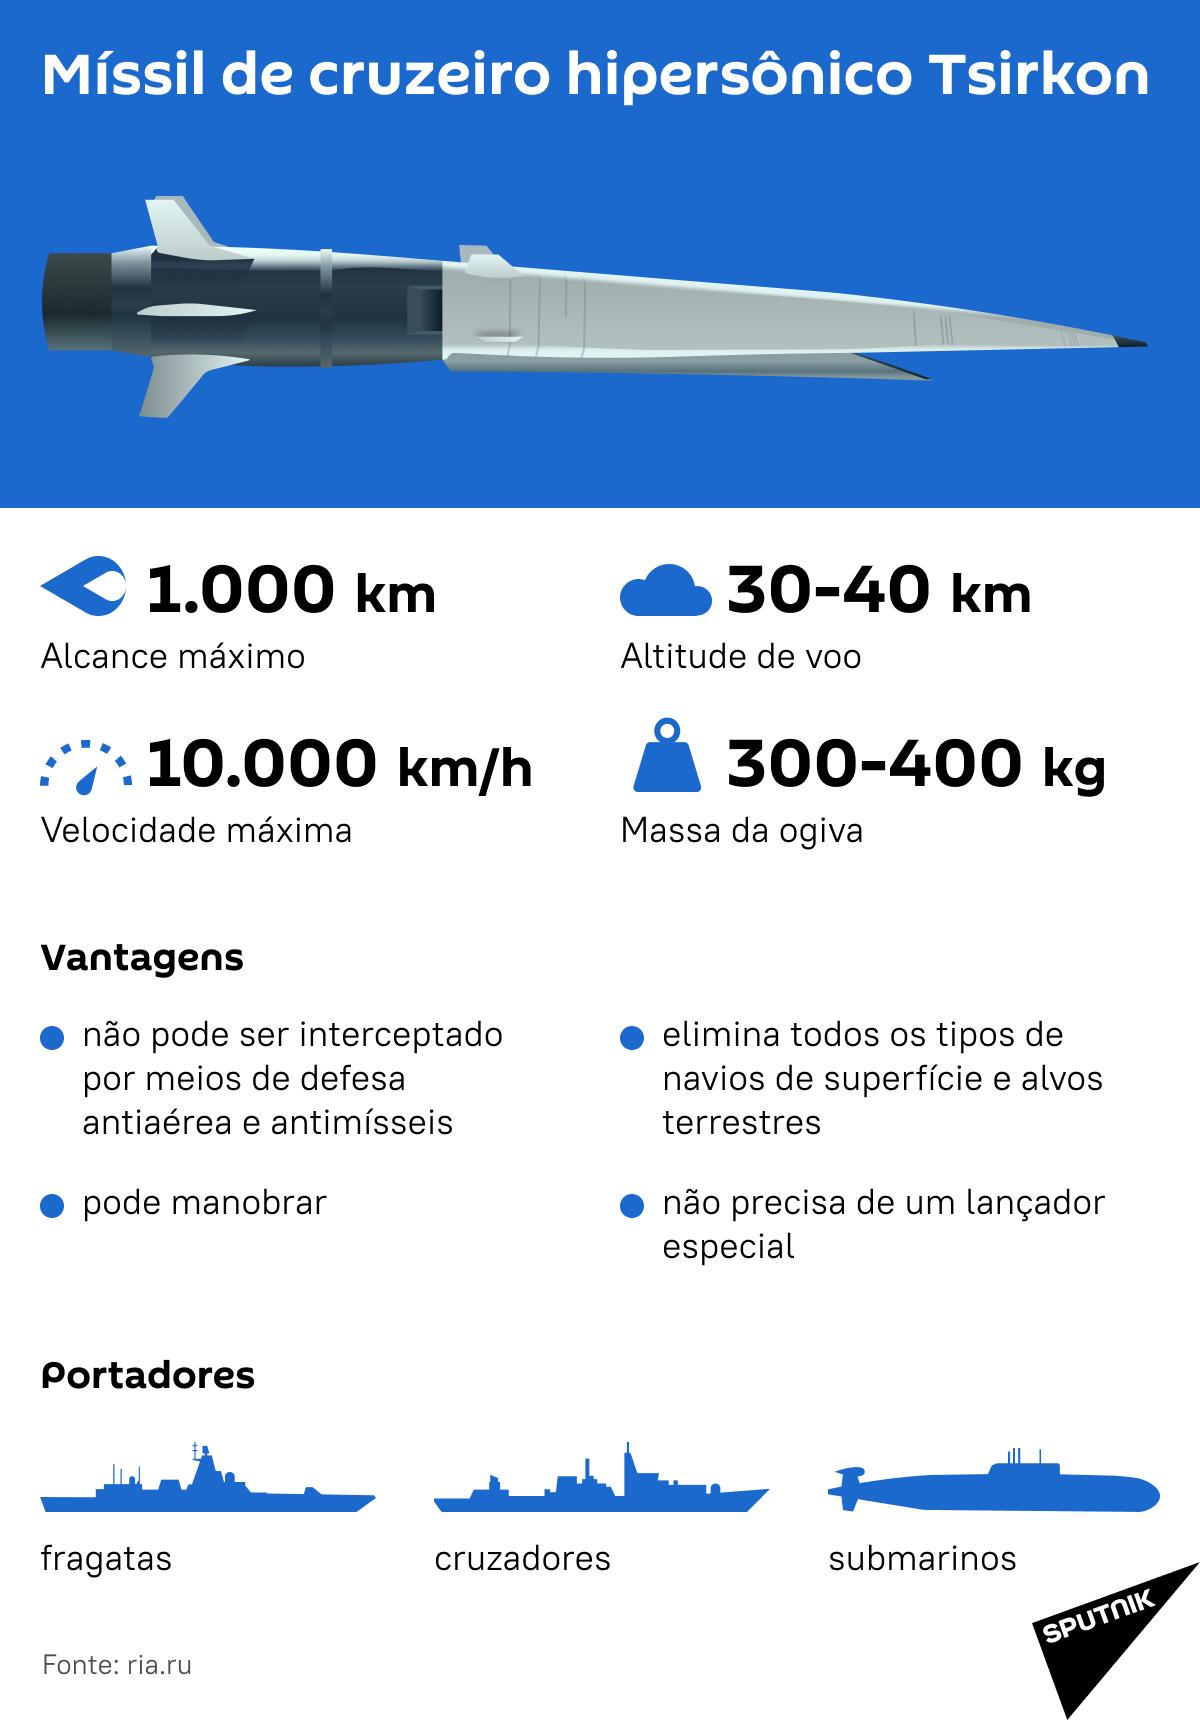 Tsirkon: 1º míssil de cruzeiro hipersônico no mundo